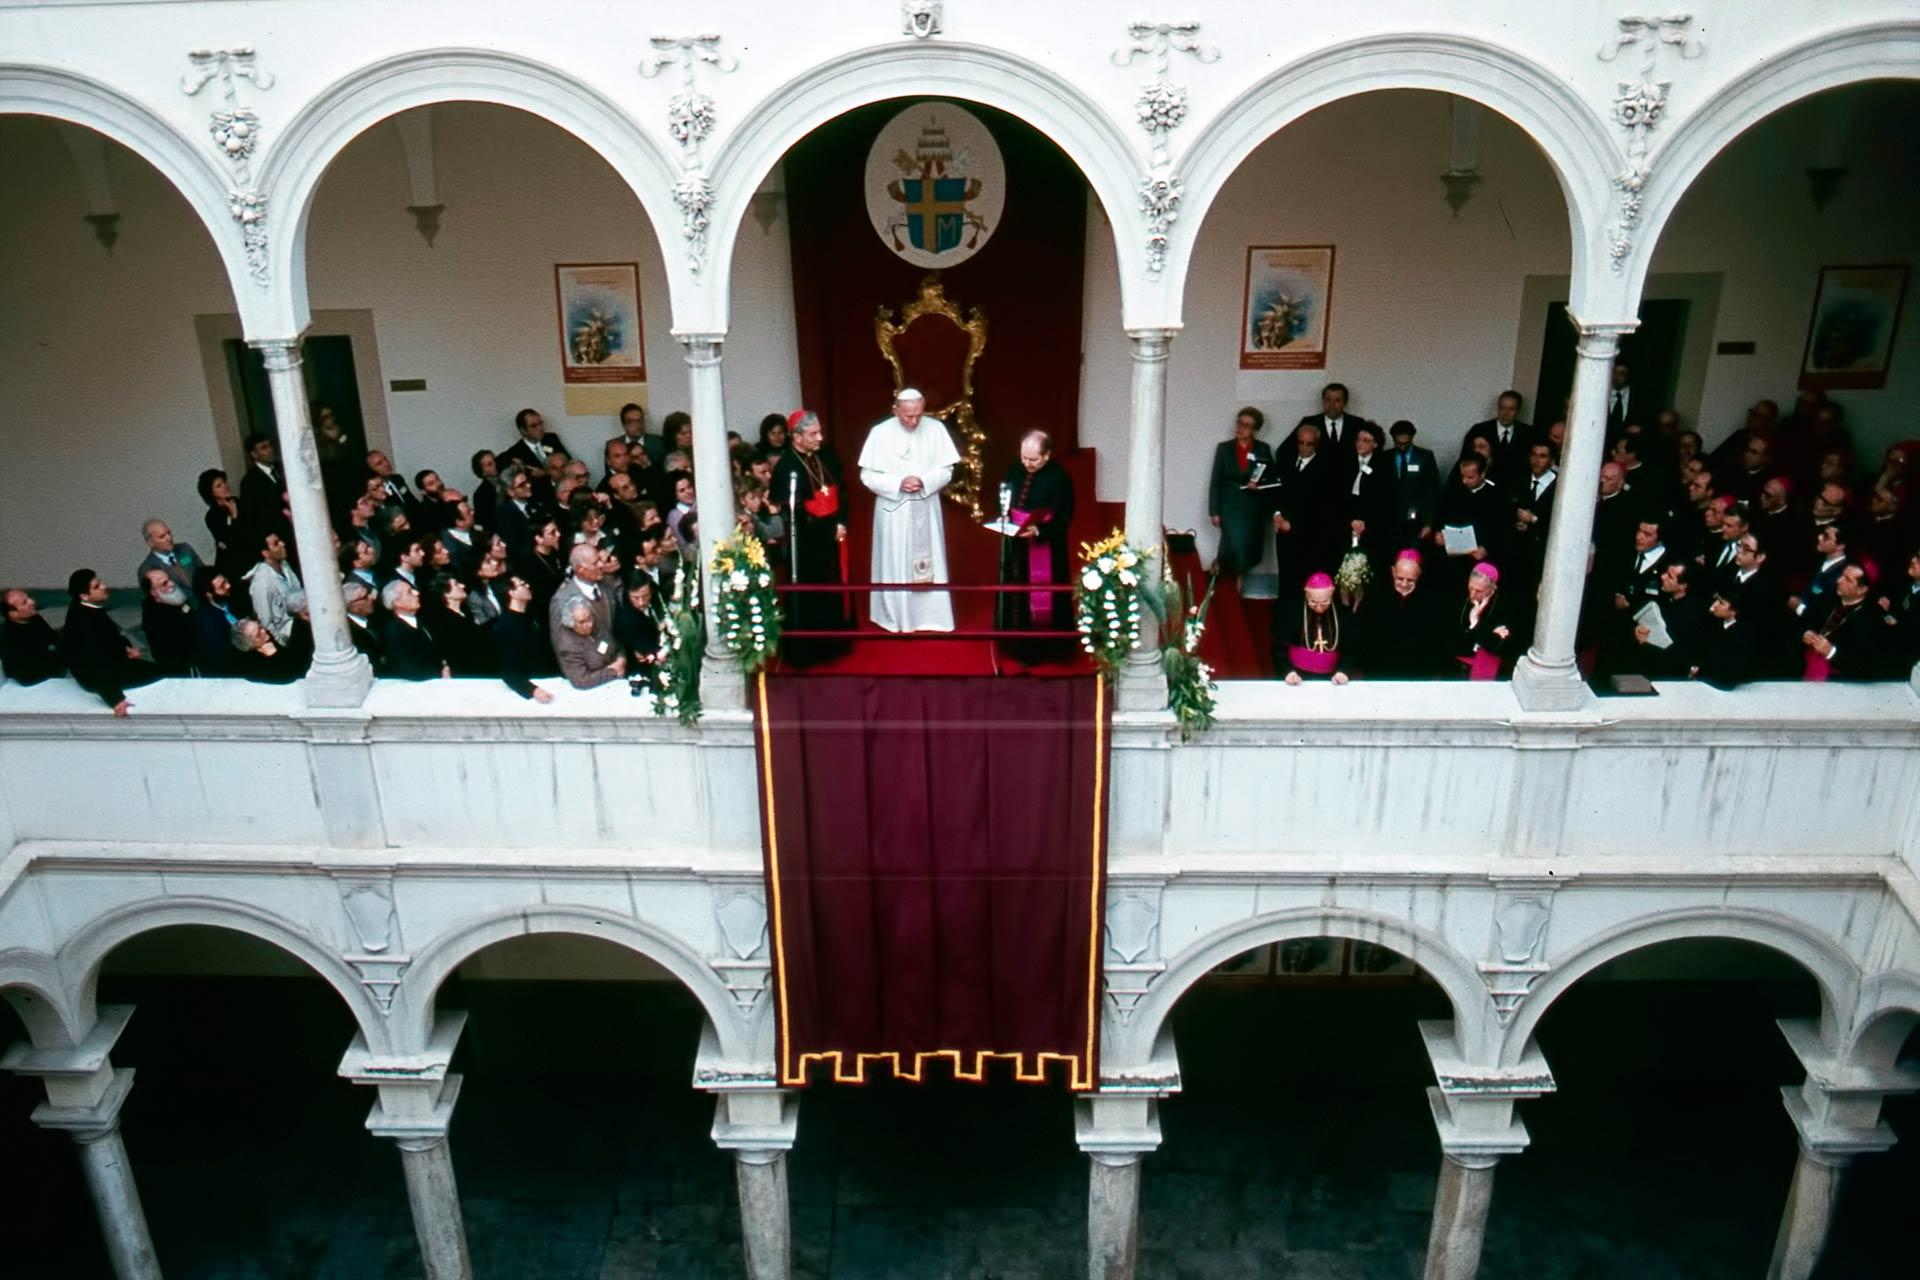 Pr?sentation par le Doyen de la Facult?, Mgr Crispino Valenziano au Souverain Pontife, de la nouvelle Facult? de Th?ologie de Sicile ?rig?e le 8 d?cembre 1980.